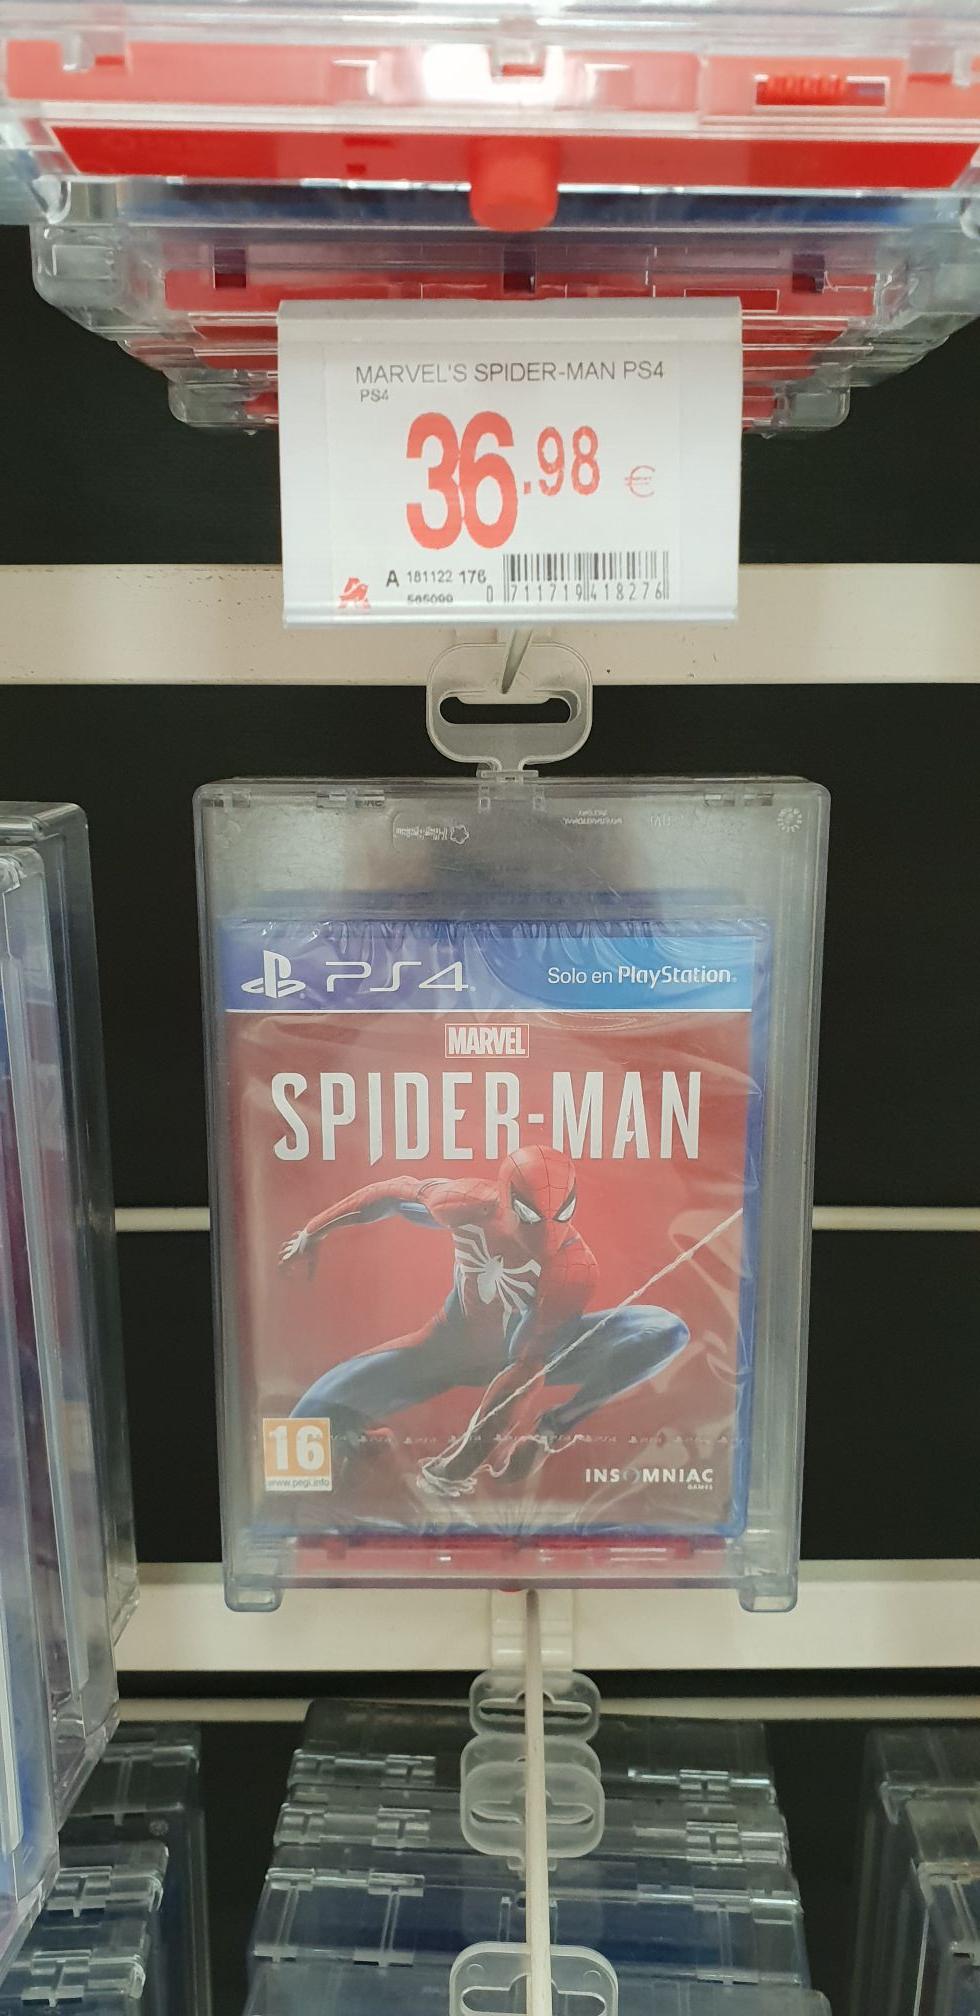 Spider-Man PS4 a 36.98€ en Alcampo Gijón